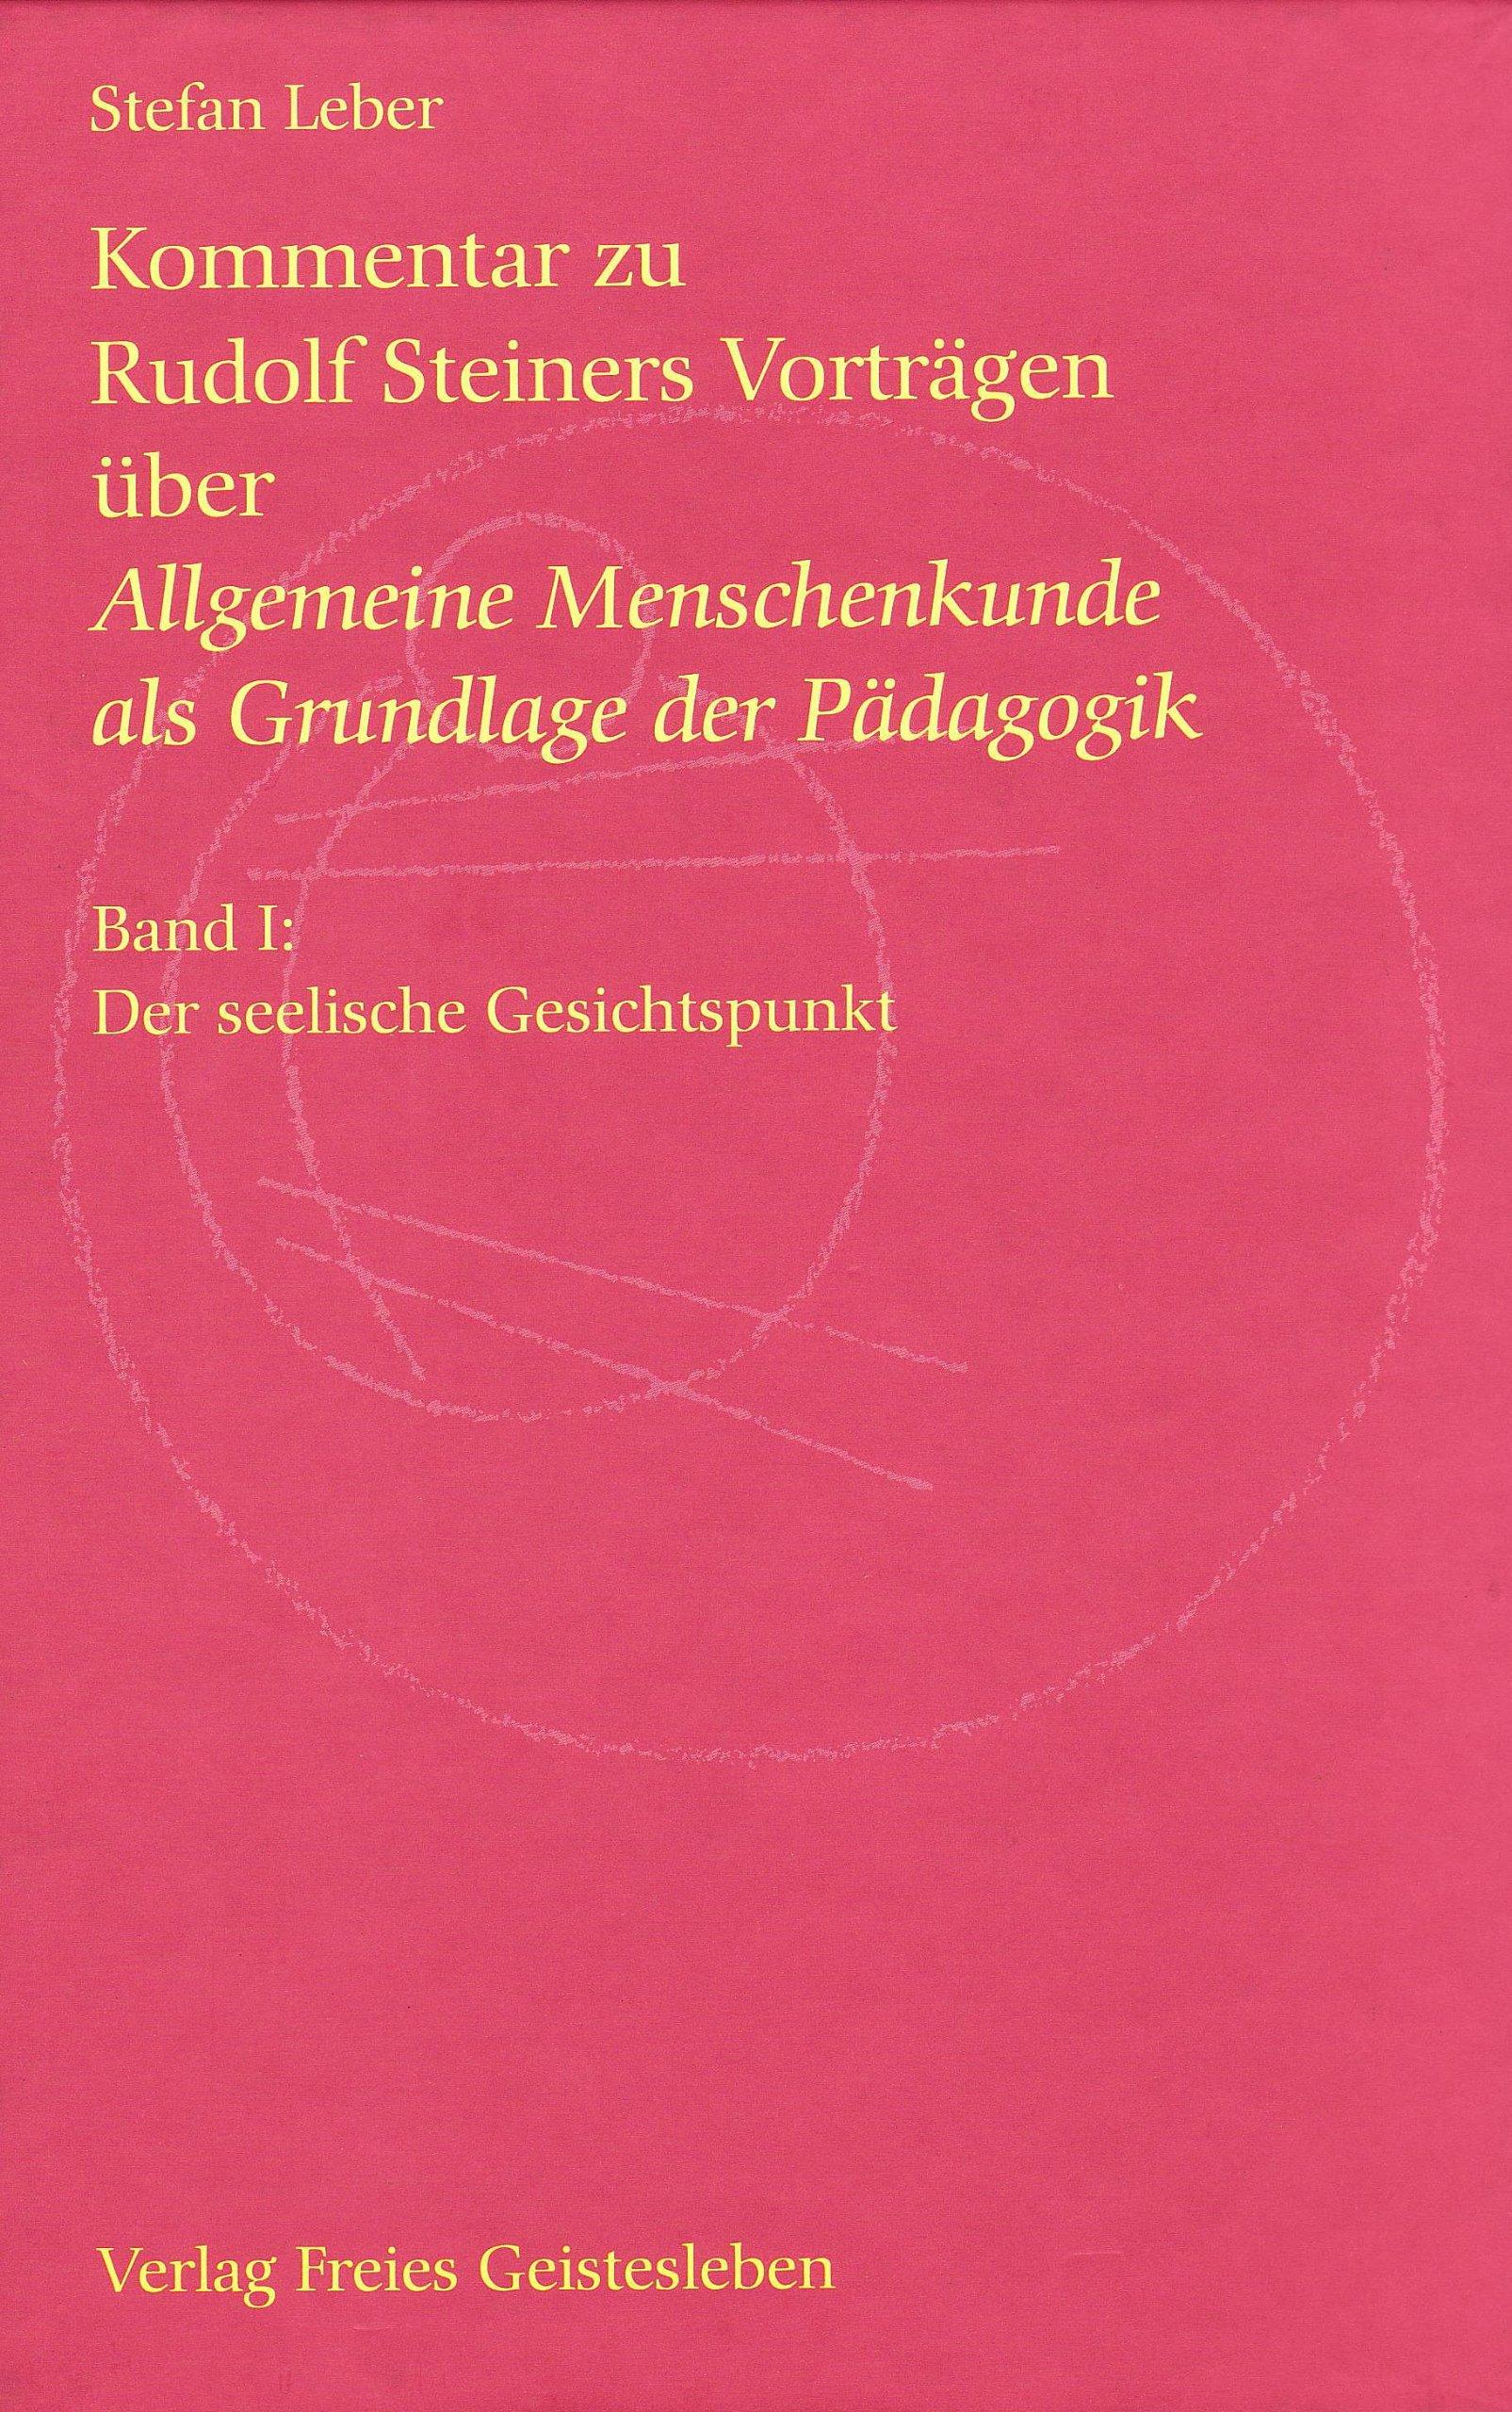 Kommentar zu Rudolf Steiners Vorträgen über Allgemeine Menschenkunde als Grundlage der Pädagogik: Band 1: Der seelische Gesichtspunkt. Band 2: Der ... Band 3: Der leibliche Gesichtspunkt